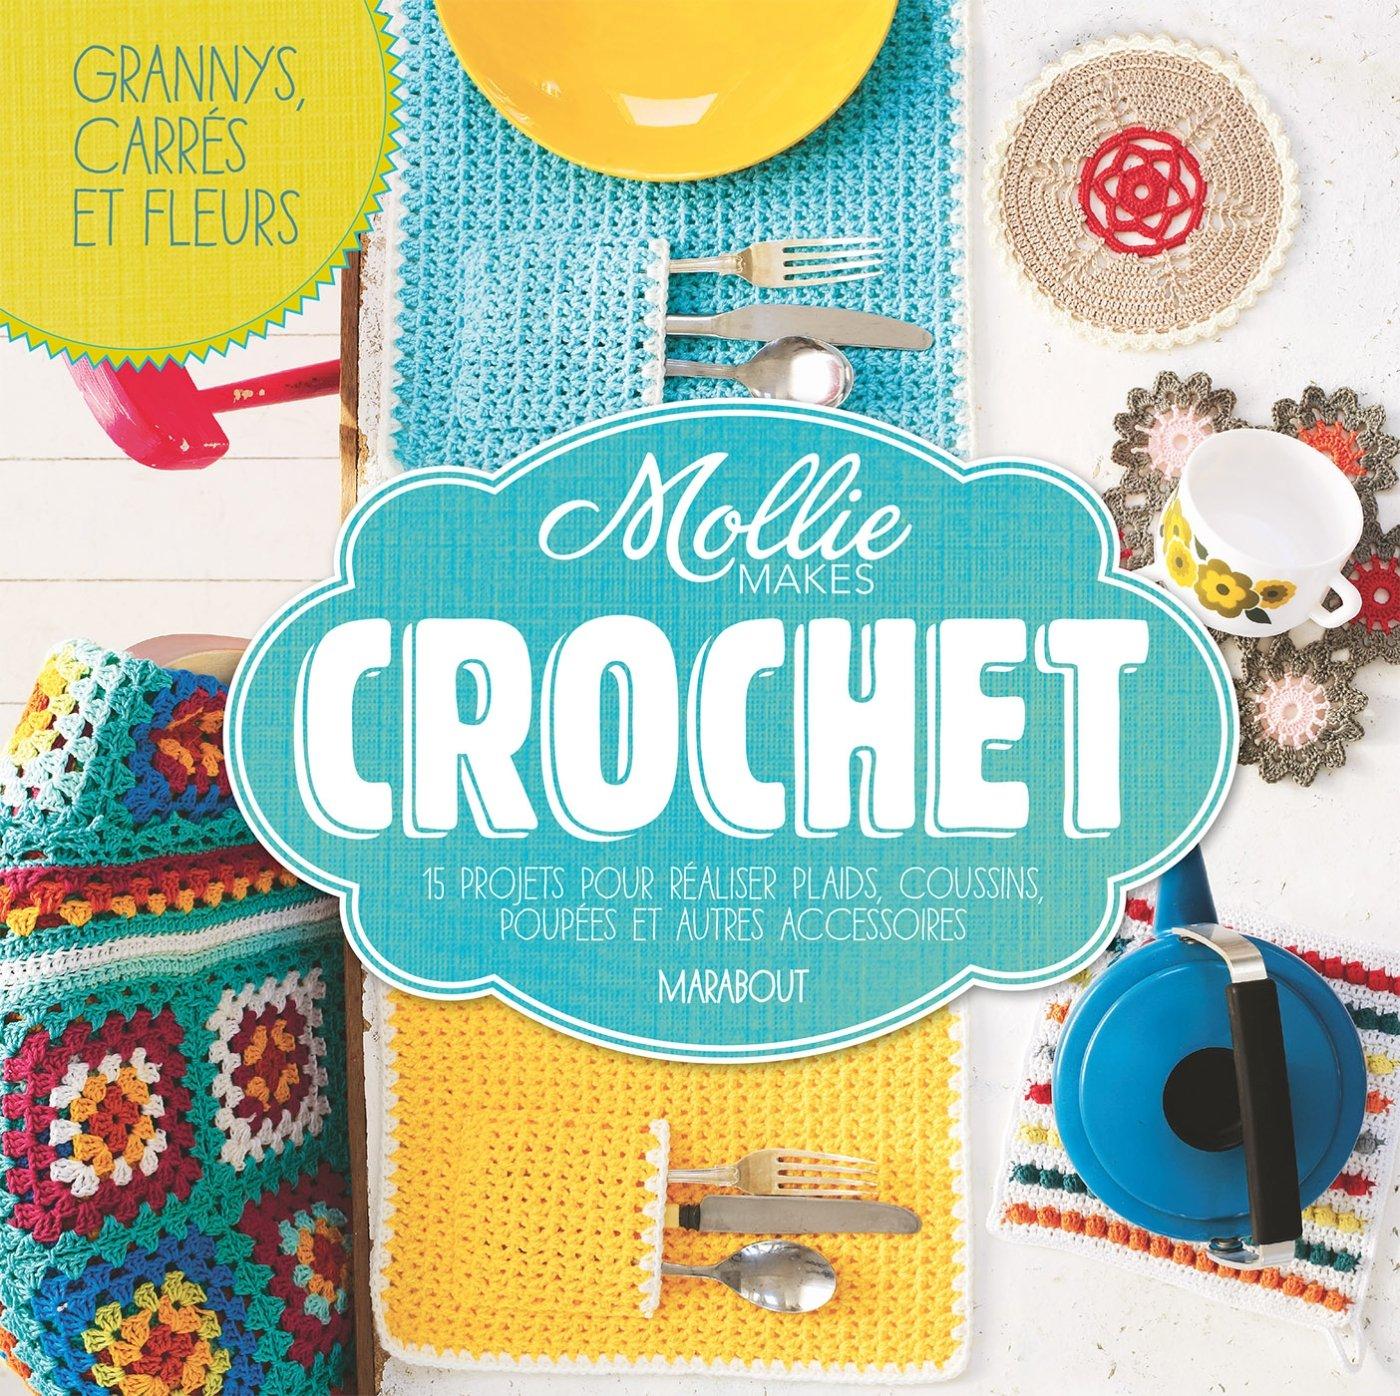 Crochet faciles by Mollies Makes: 15 projets pour réaliser plaids, coussins, poupées et autres accessoires Broché n/a 2501085345